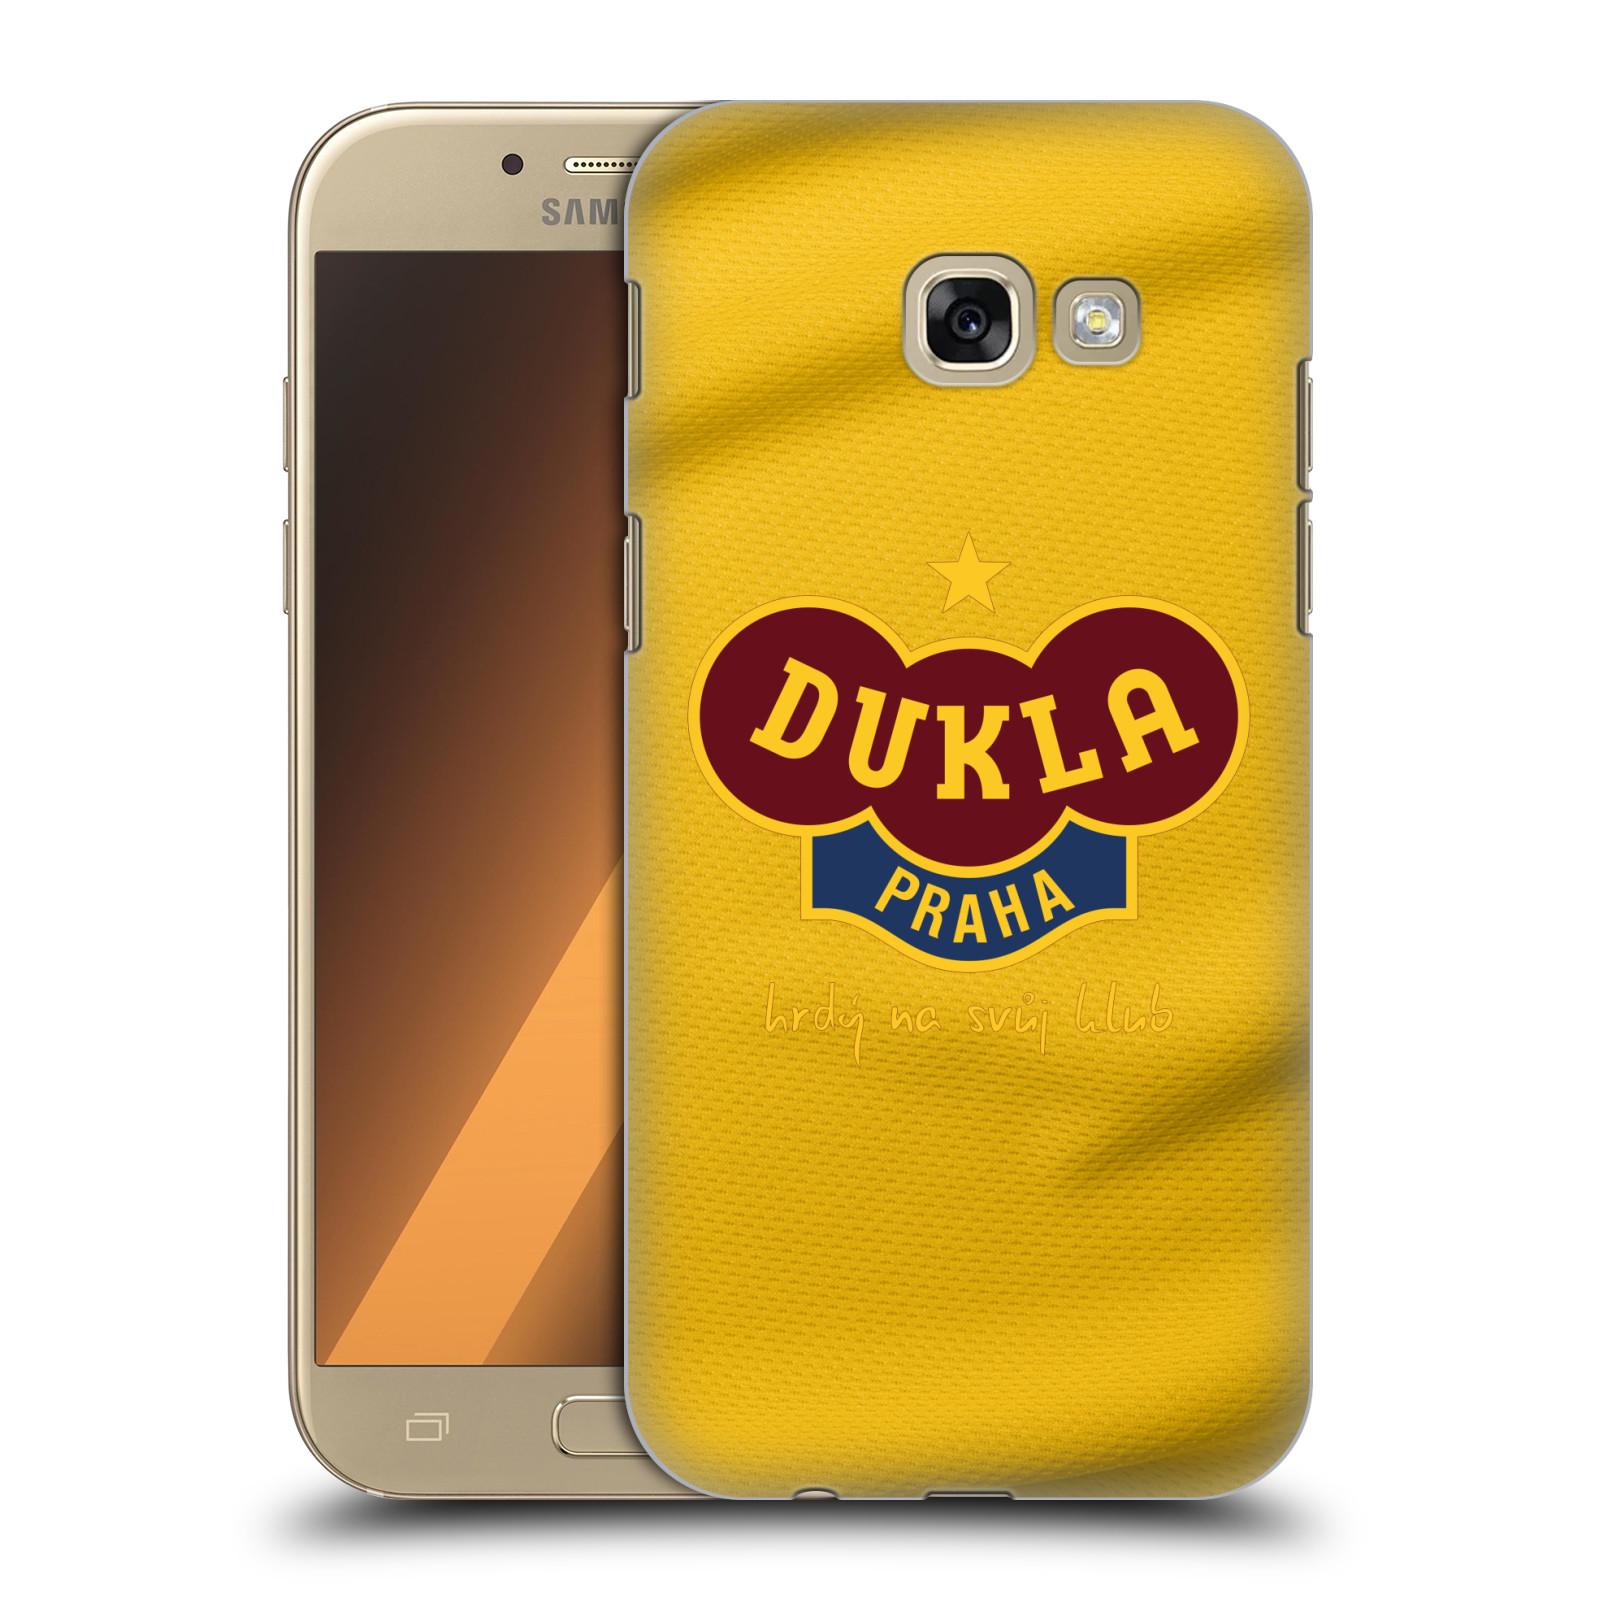 Plastové pouzdro na mobil Samsung Galaxy A5 (2017) - FK Dukla Praha - Žlutý dres